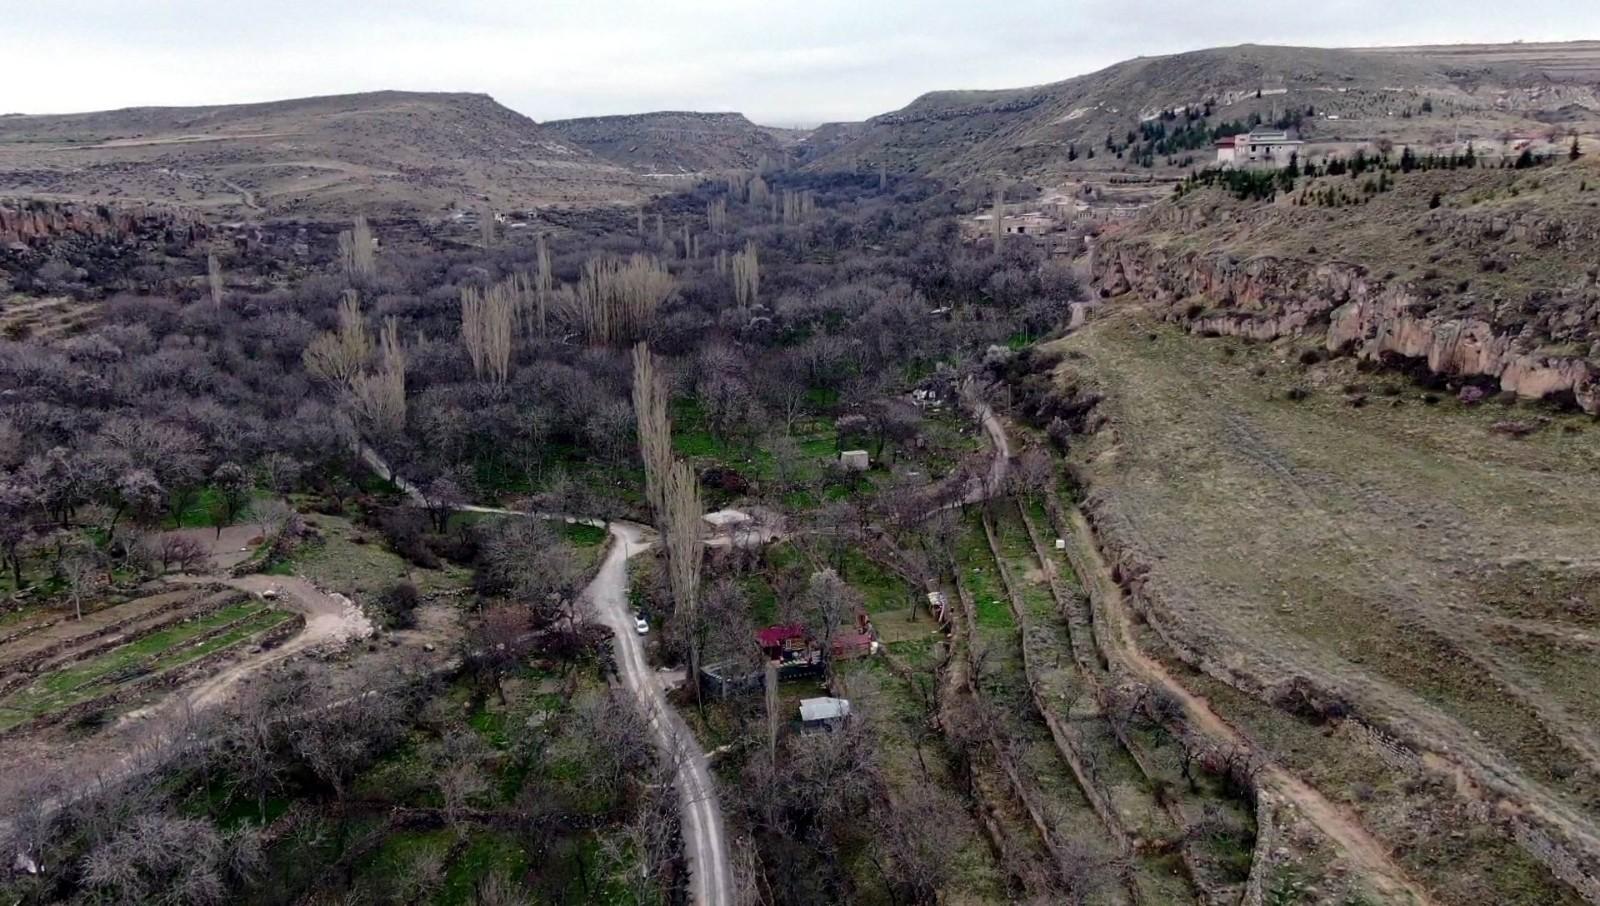 UNESCO miras listesinde olan Koramaz Vadisi'nde doğa canlanmaya başladı